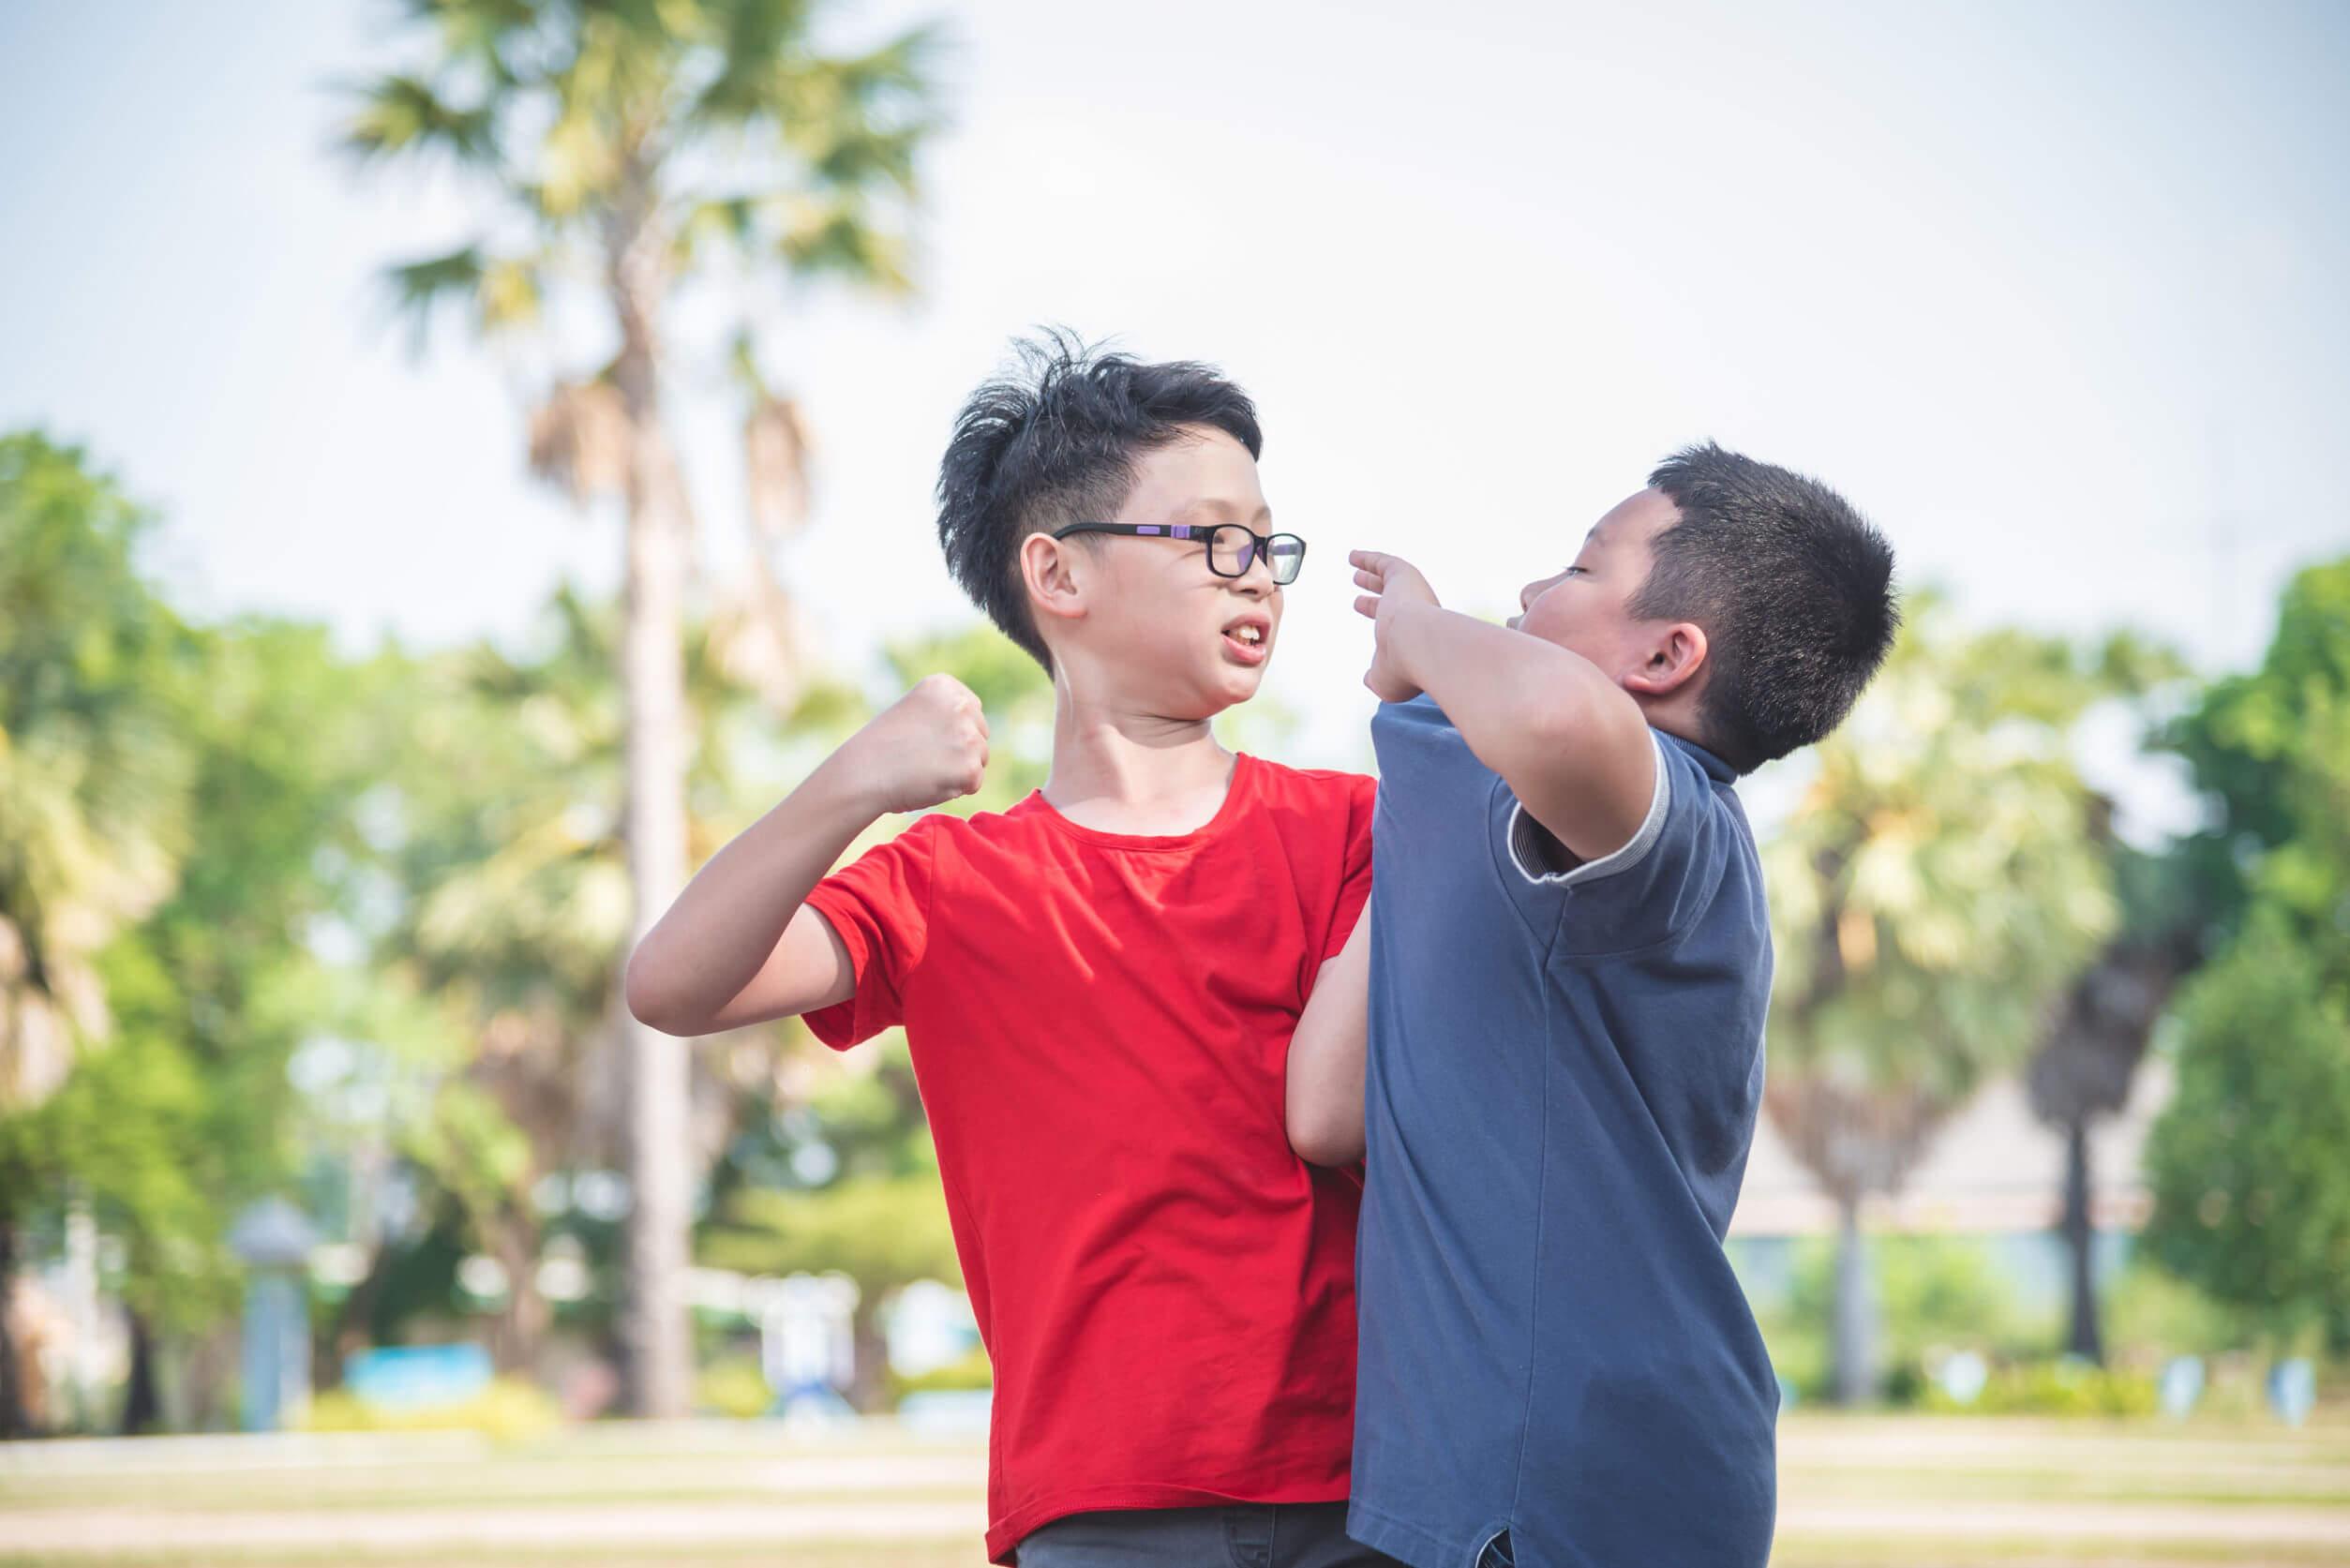 Niño violento pegando a un compañero.